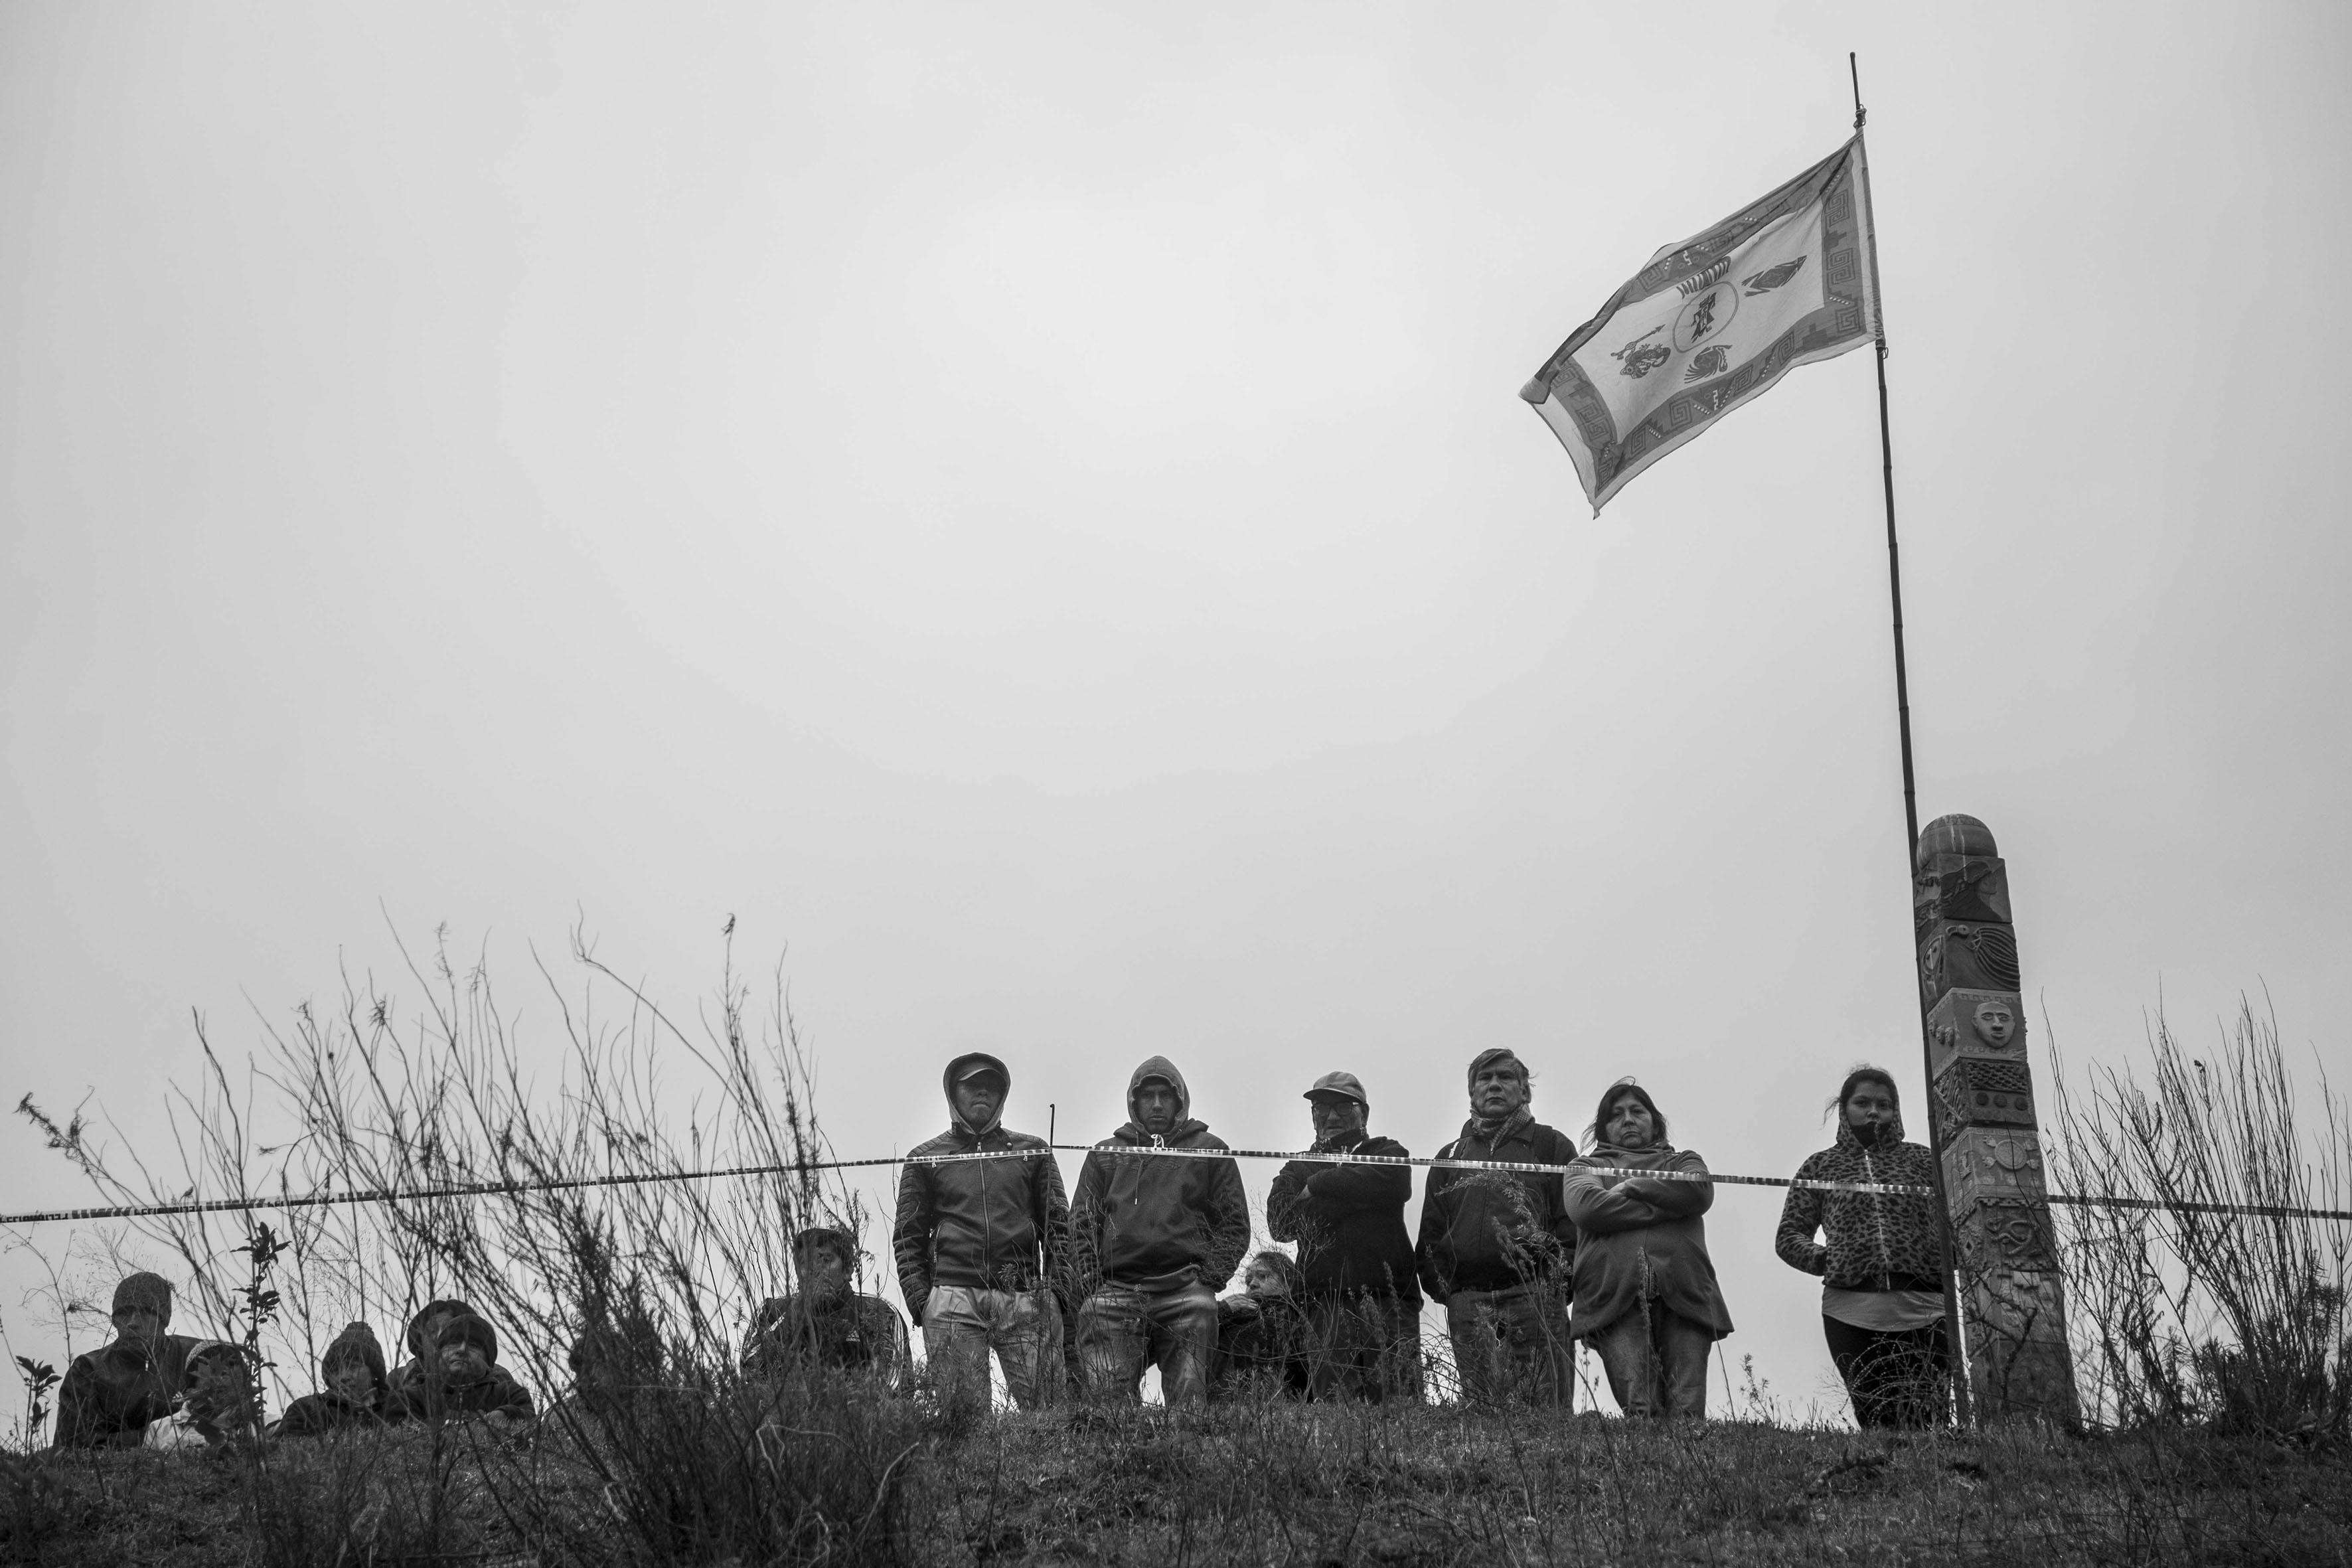 El Chorro, Tucumán, Argentina. Octubre 02/2018. Reconstrucción del asesinato a Javier Chocobar. Parte de la Comunidad Indígena Los Chuschagasta observa la reconstrucción.